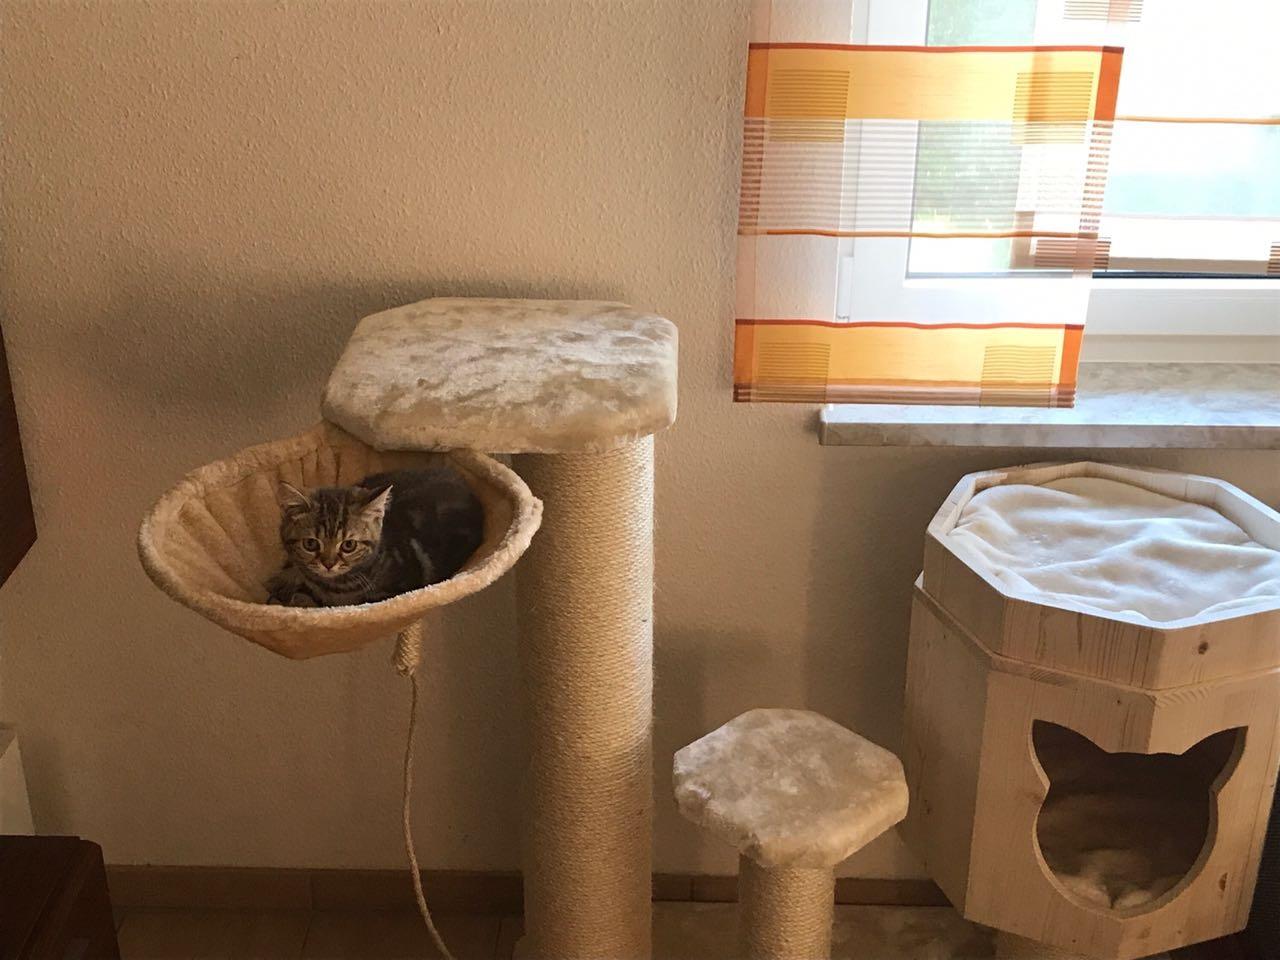 kratzbaum gro e katzen kratzbaum in bamberg zu kaufen gesucht kletterlandschaft. Black Bedroom Furniture Sets. Home Design Ideas